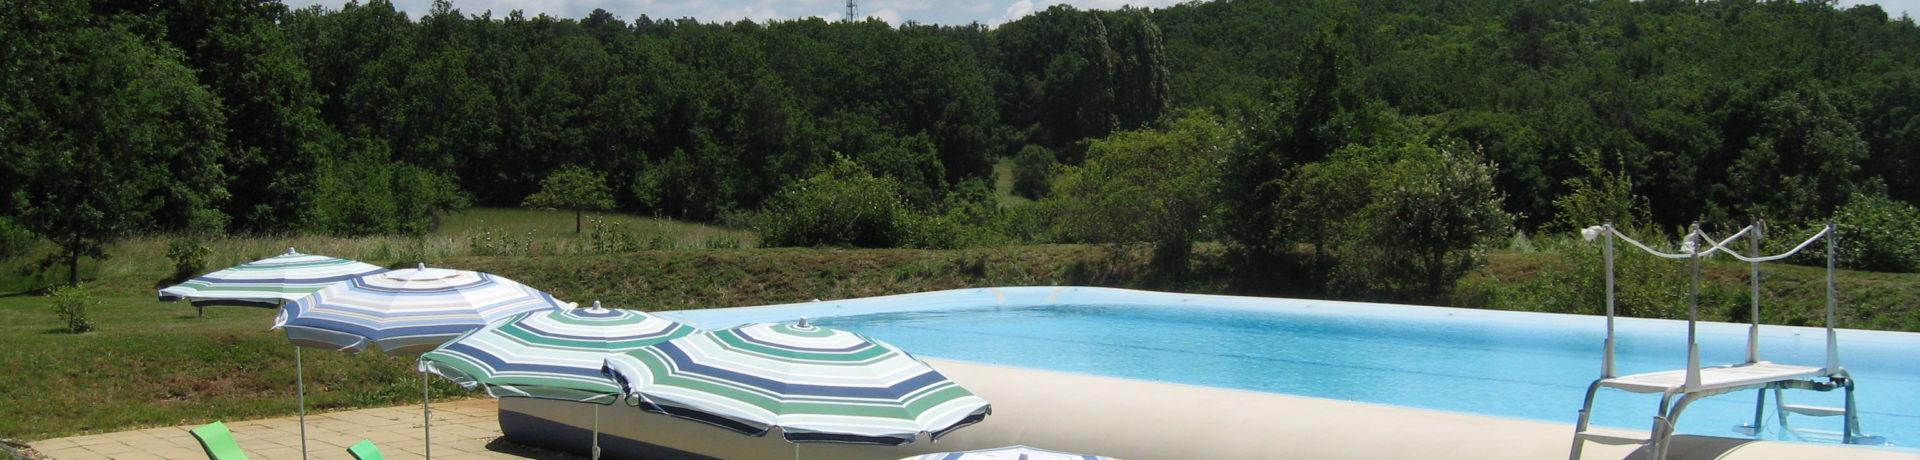 Prachtige naturistencamping met 54 plaatsen, 8 ha groot, gelegen op 150 km pal ten oosten van Bordeaux in het departement Dordogne, het oude graafschap Périgord.